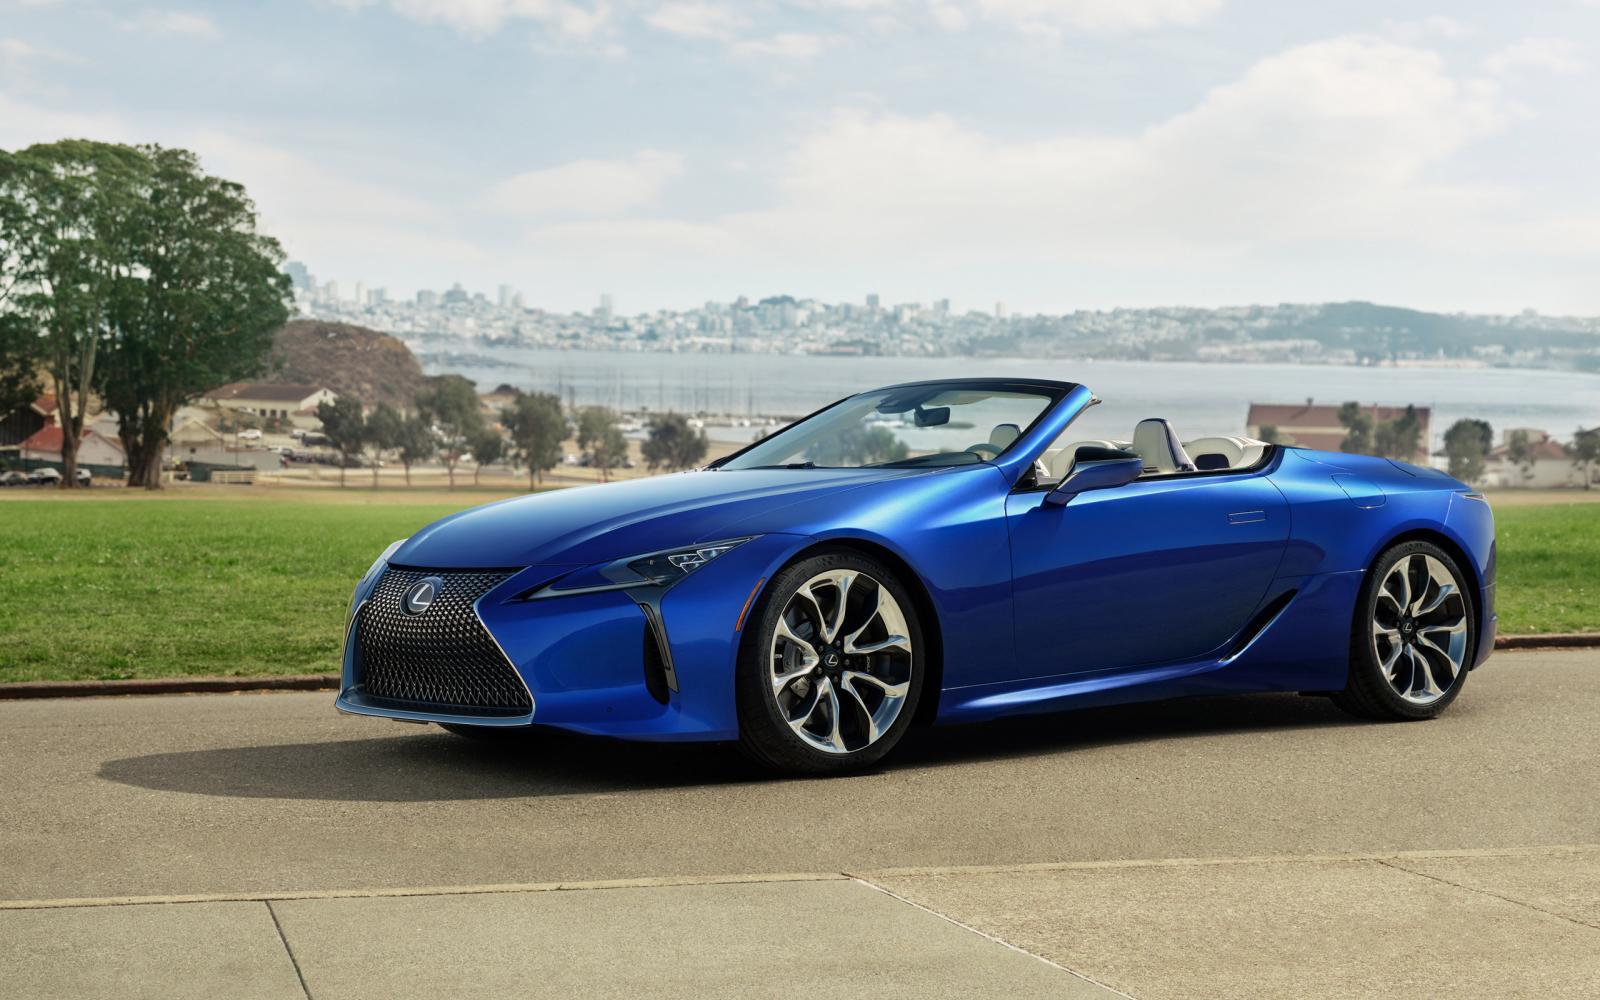 Zie je nou wel: de Lexus LC 500 Convertible is echt